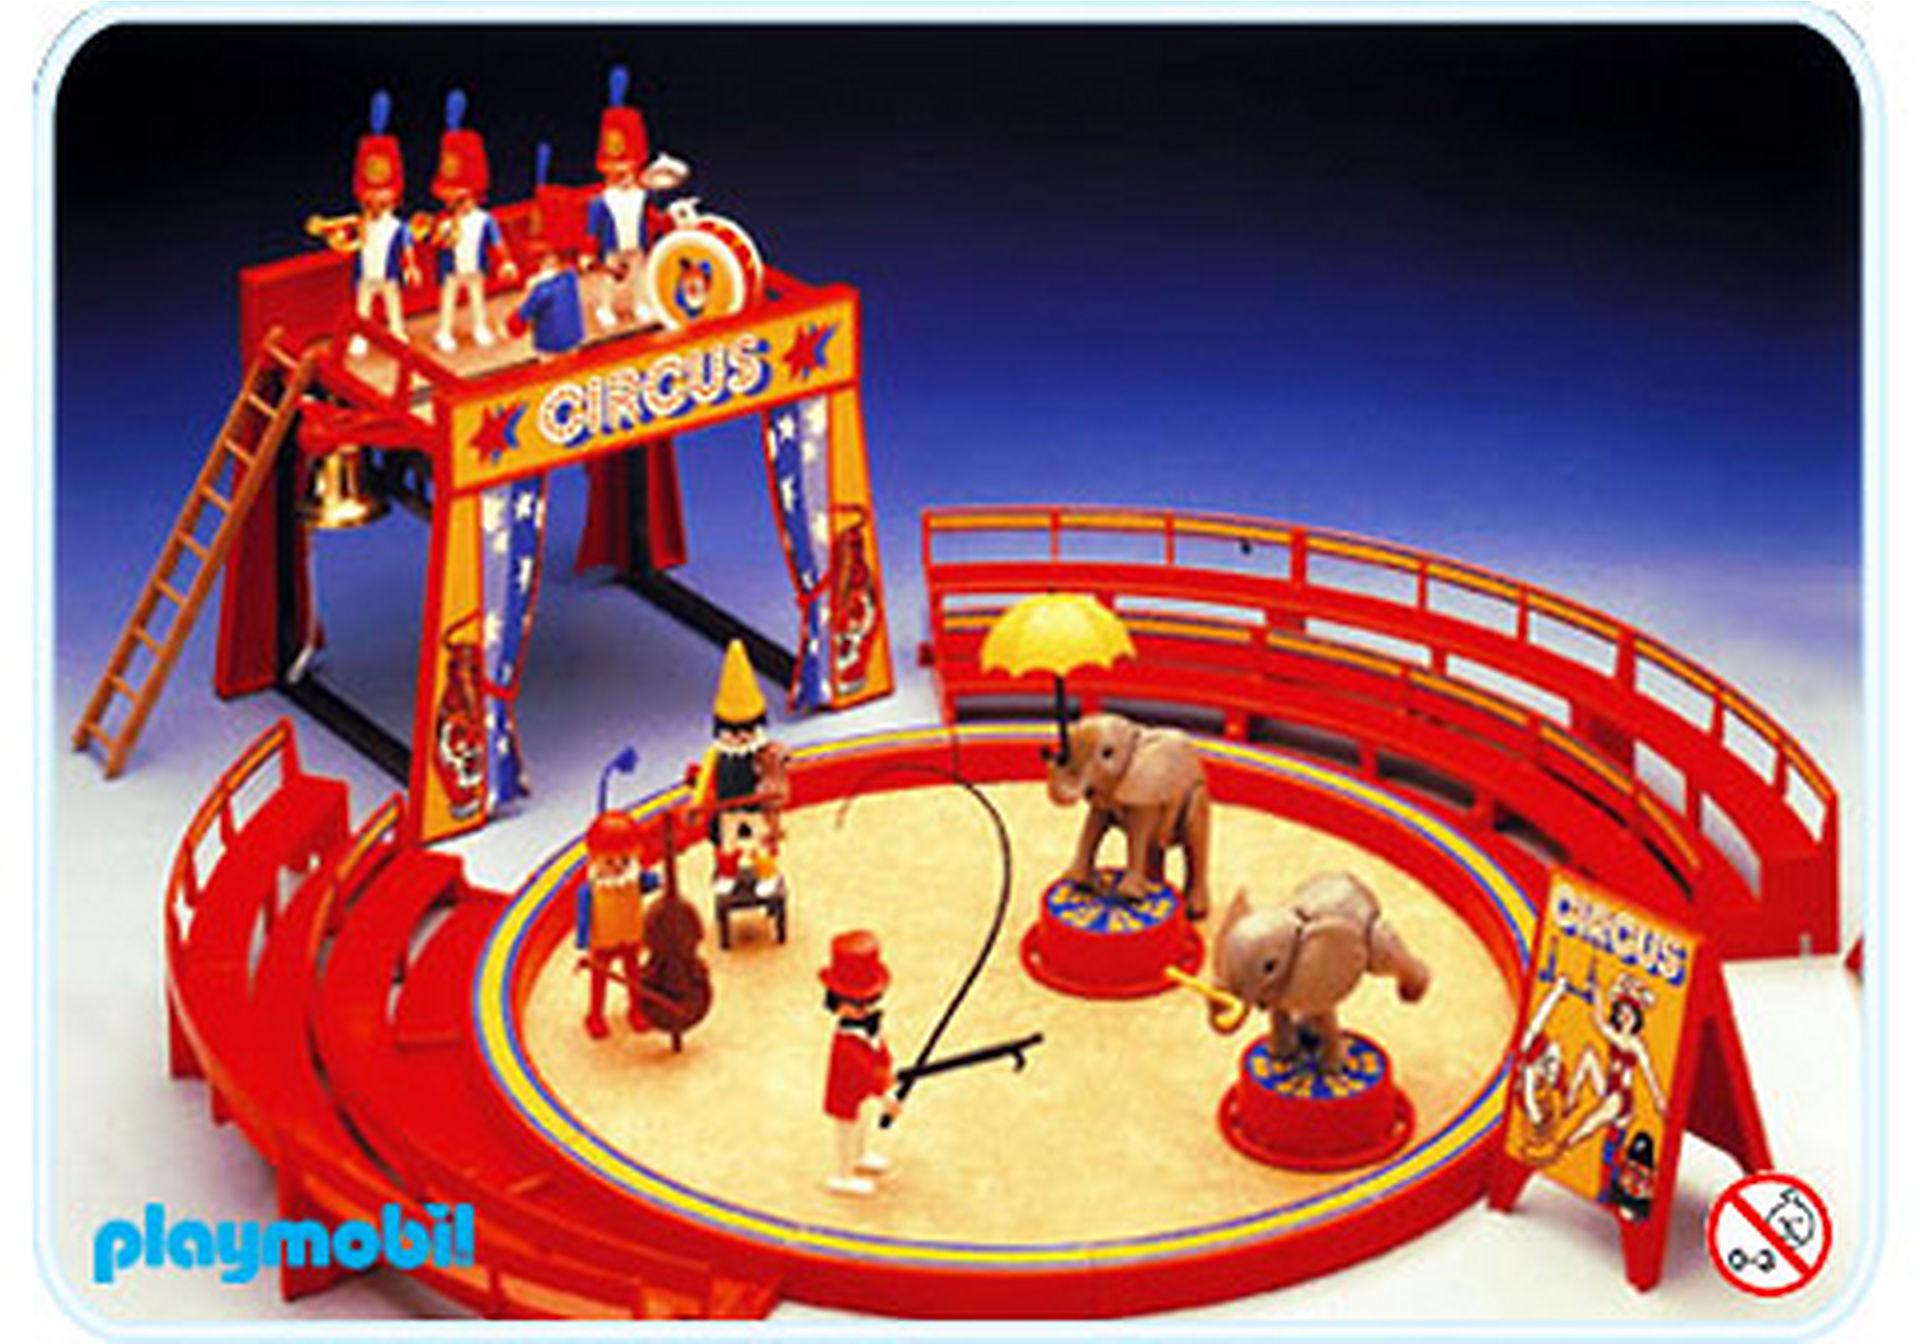 3553-A Manége cirque zoom image1